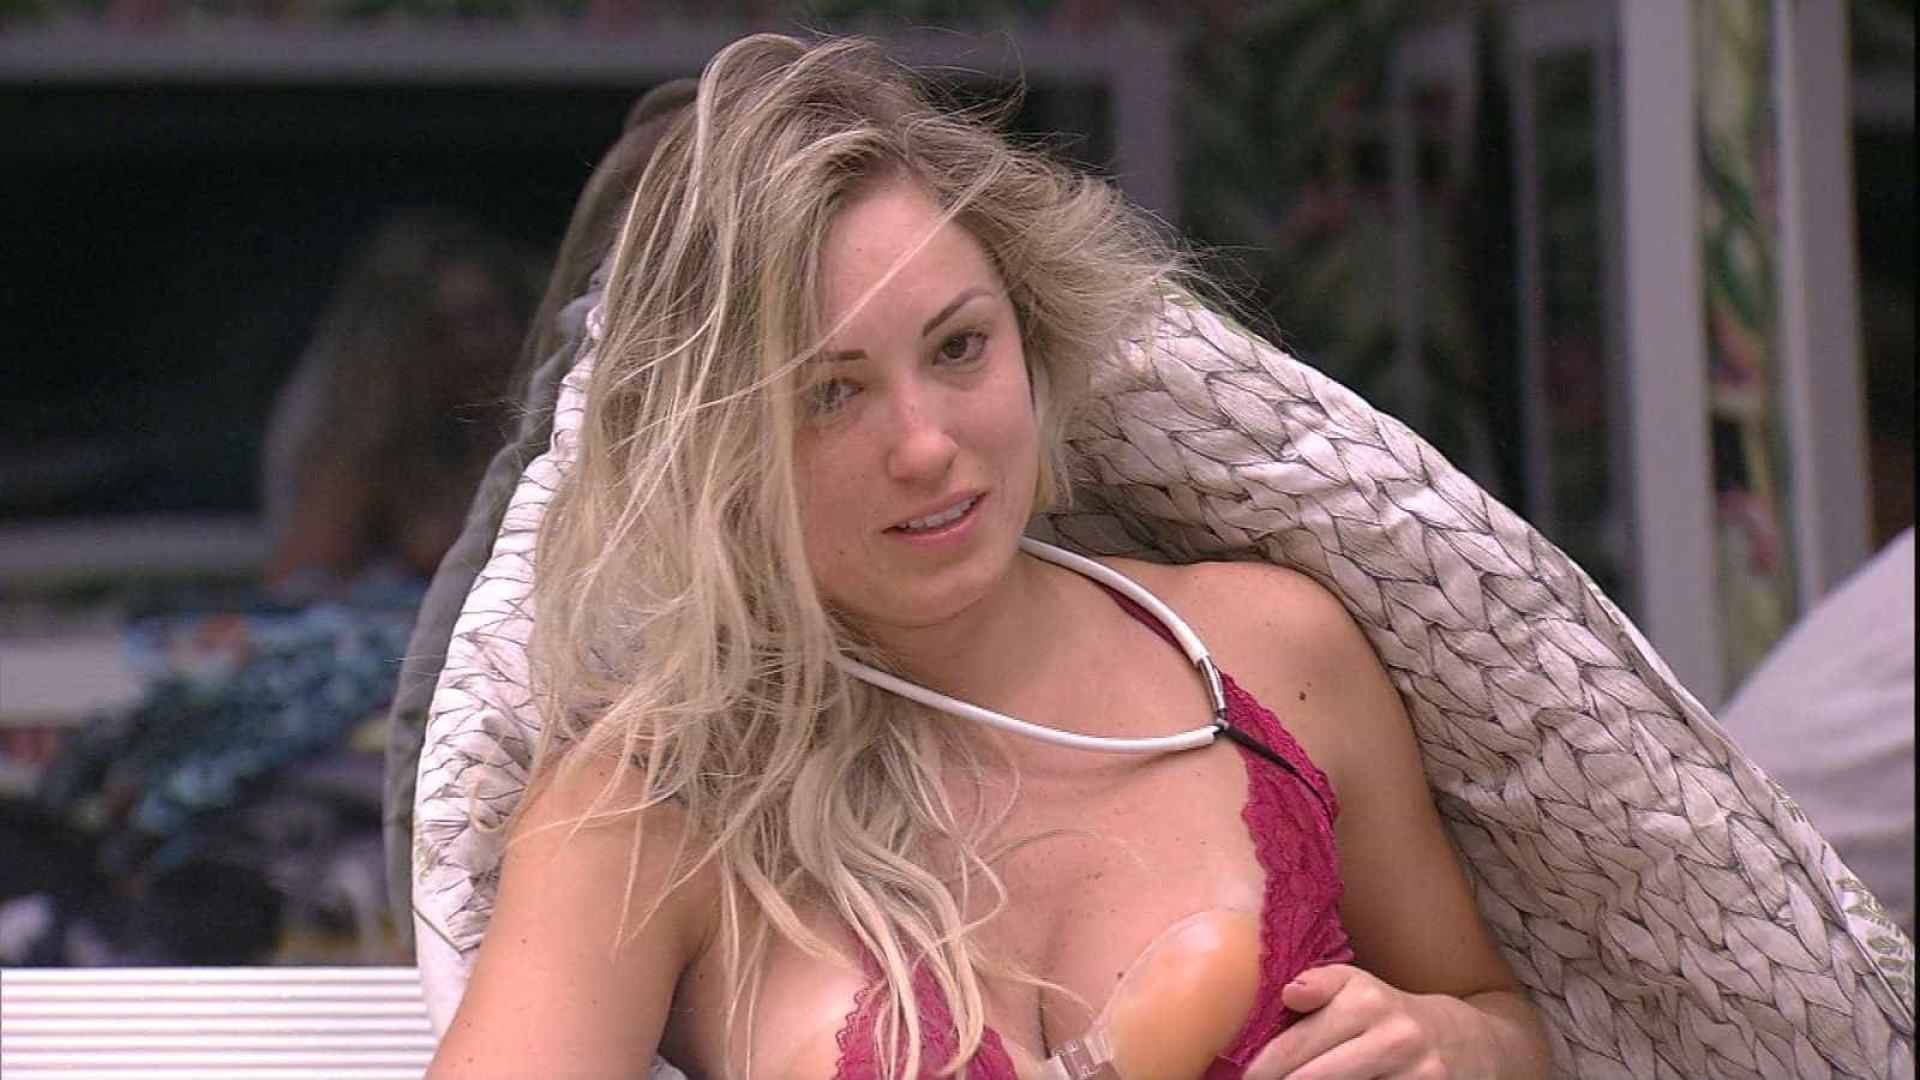 BBB: 'Tô sexy sem ser vulgar', diz Jéssica para Lucas